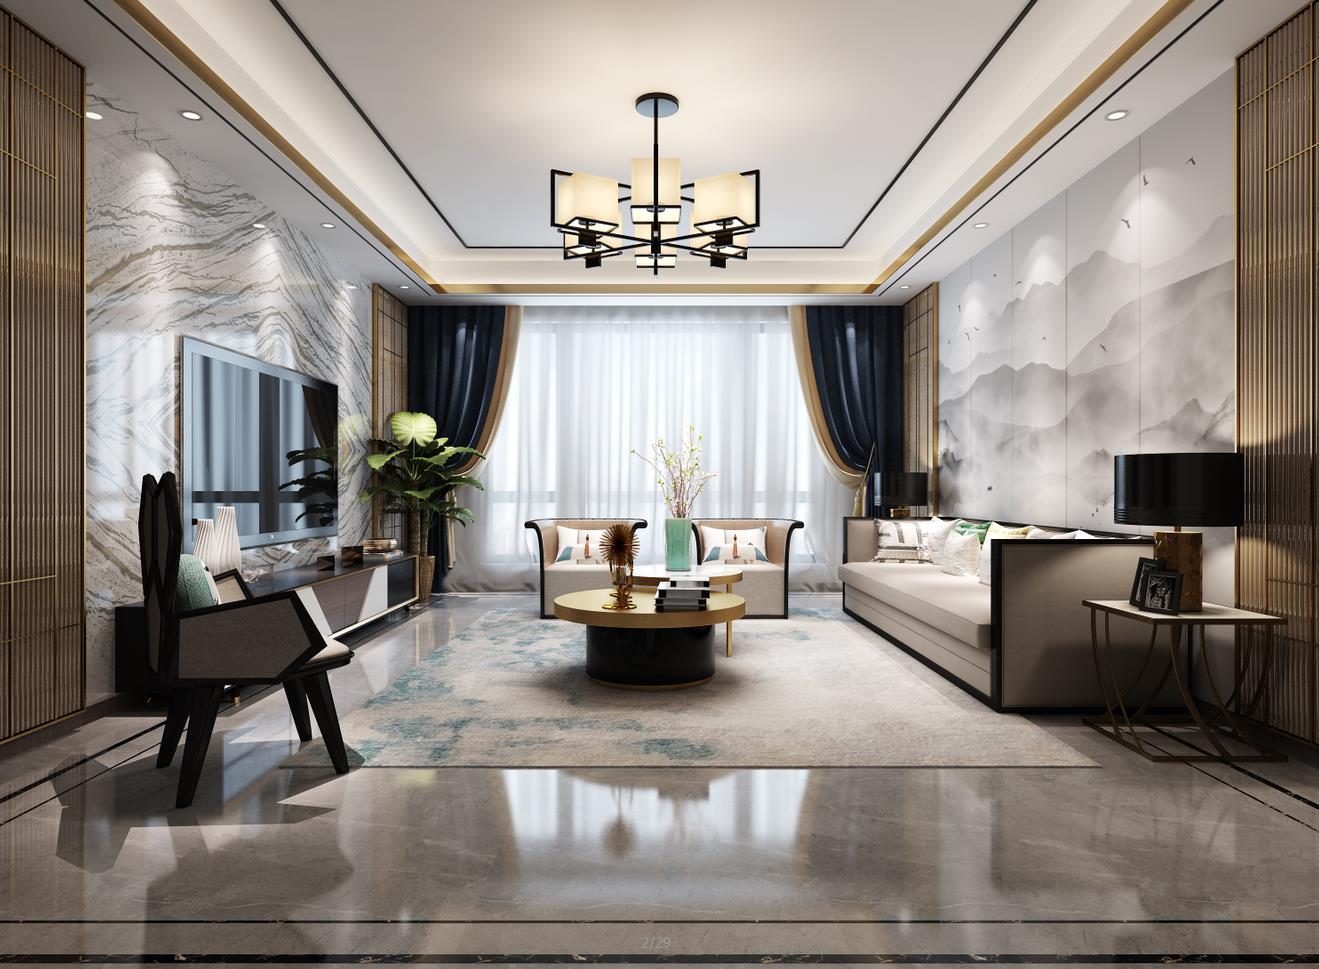 申远 北京申远 别墅装修 昆仑域 客厅图片来自申远空间设计北京分公司在北京申远空间设计-昆仑域的分享